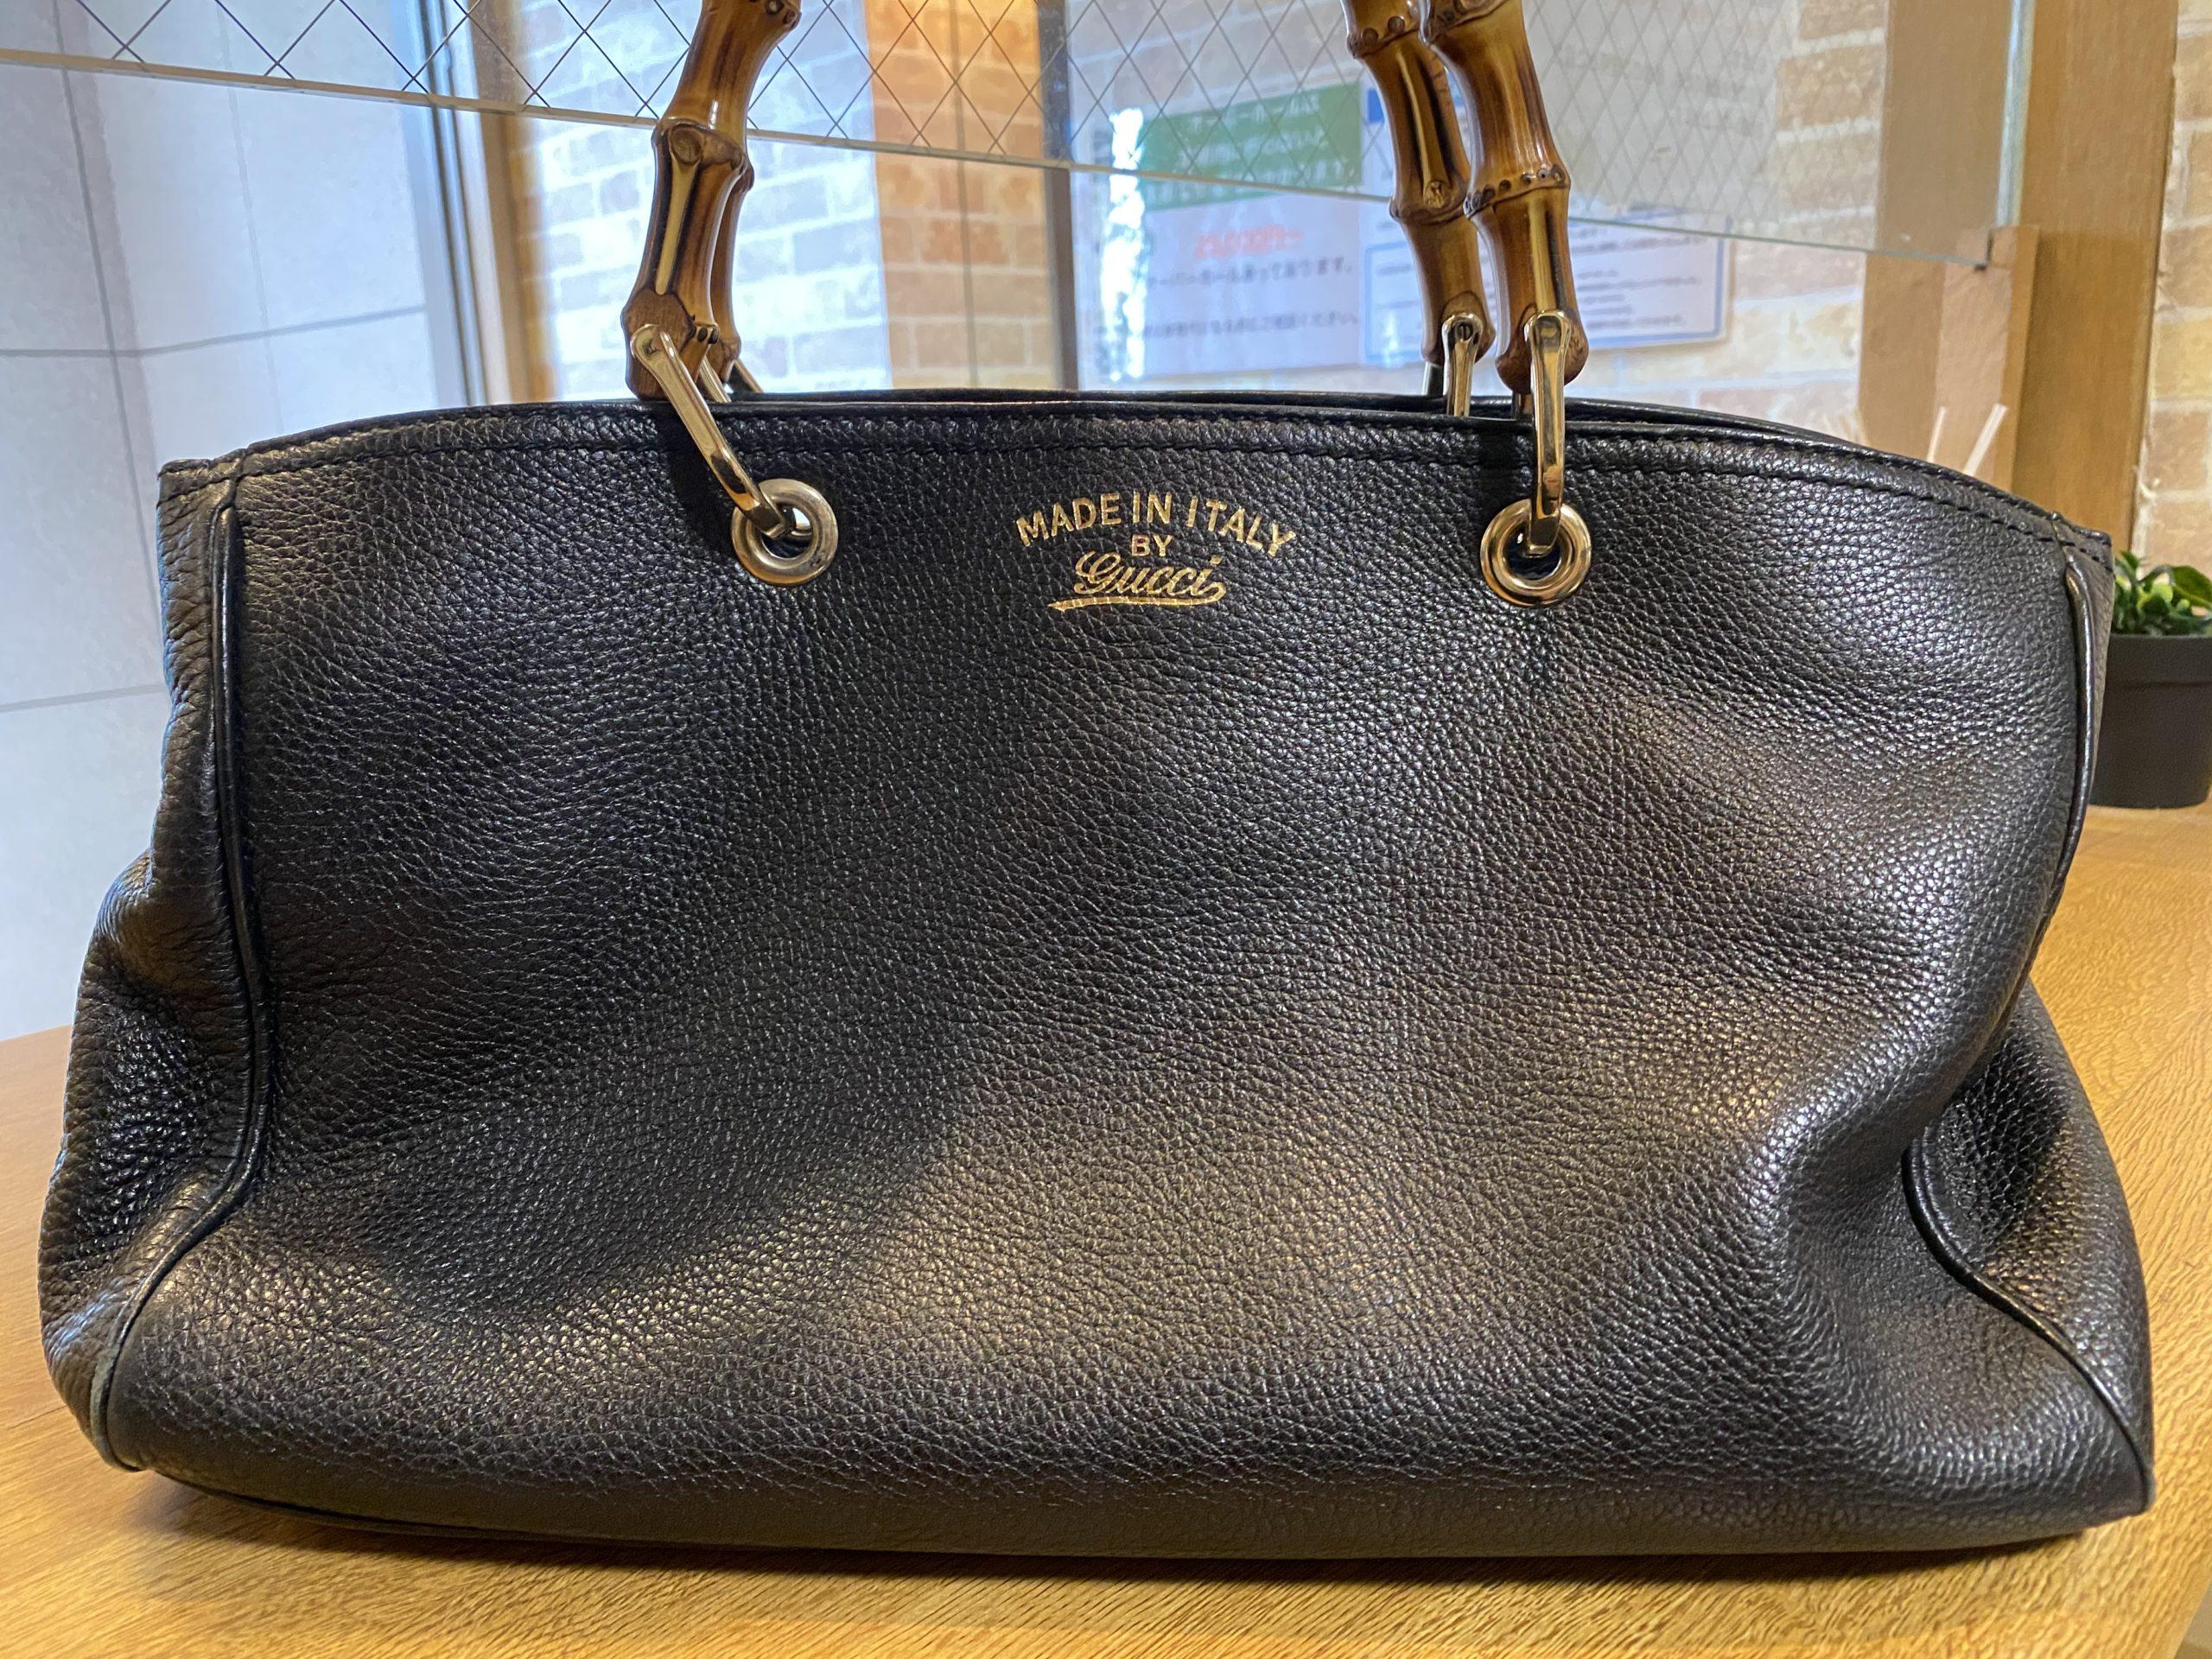 グッチ バンブーショッパー 2WAY ハンドバッグをお買取させていただきました。